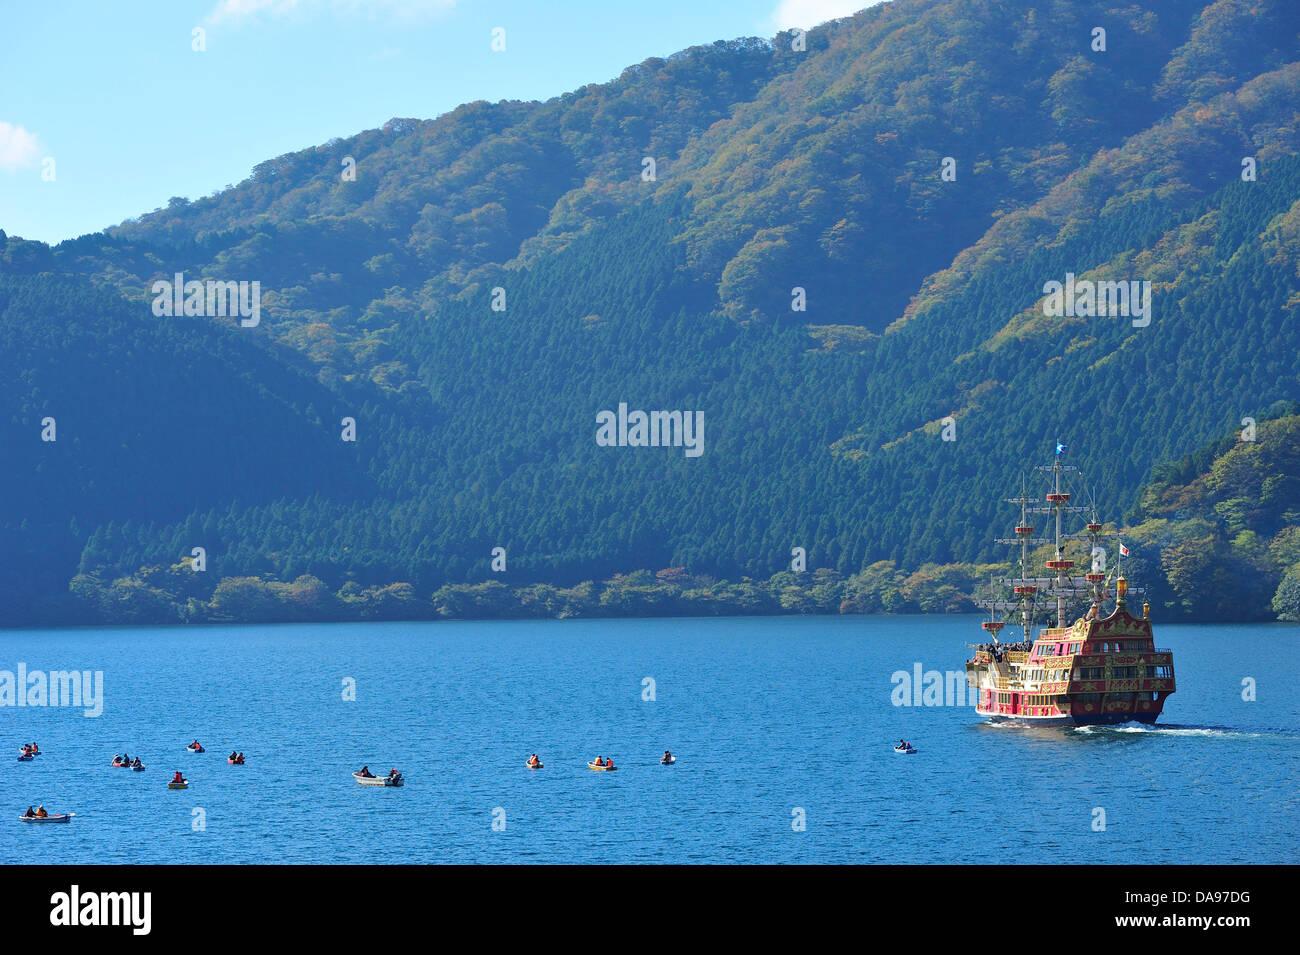 Ashi Lake, Asia, Hakone, Honshu, Horizontal, Japan, Kanagawa Prefecture, Kanto - Stock Image